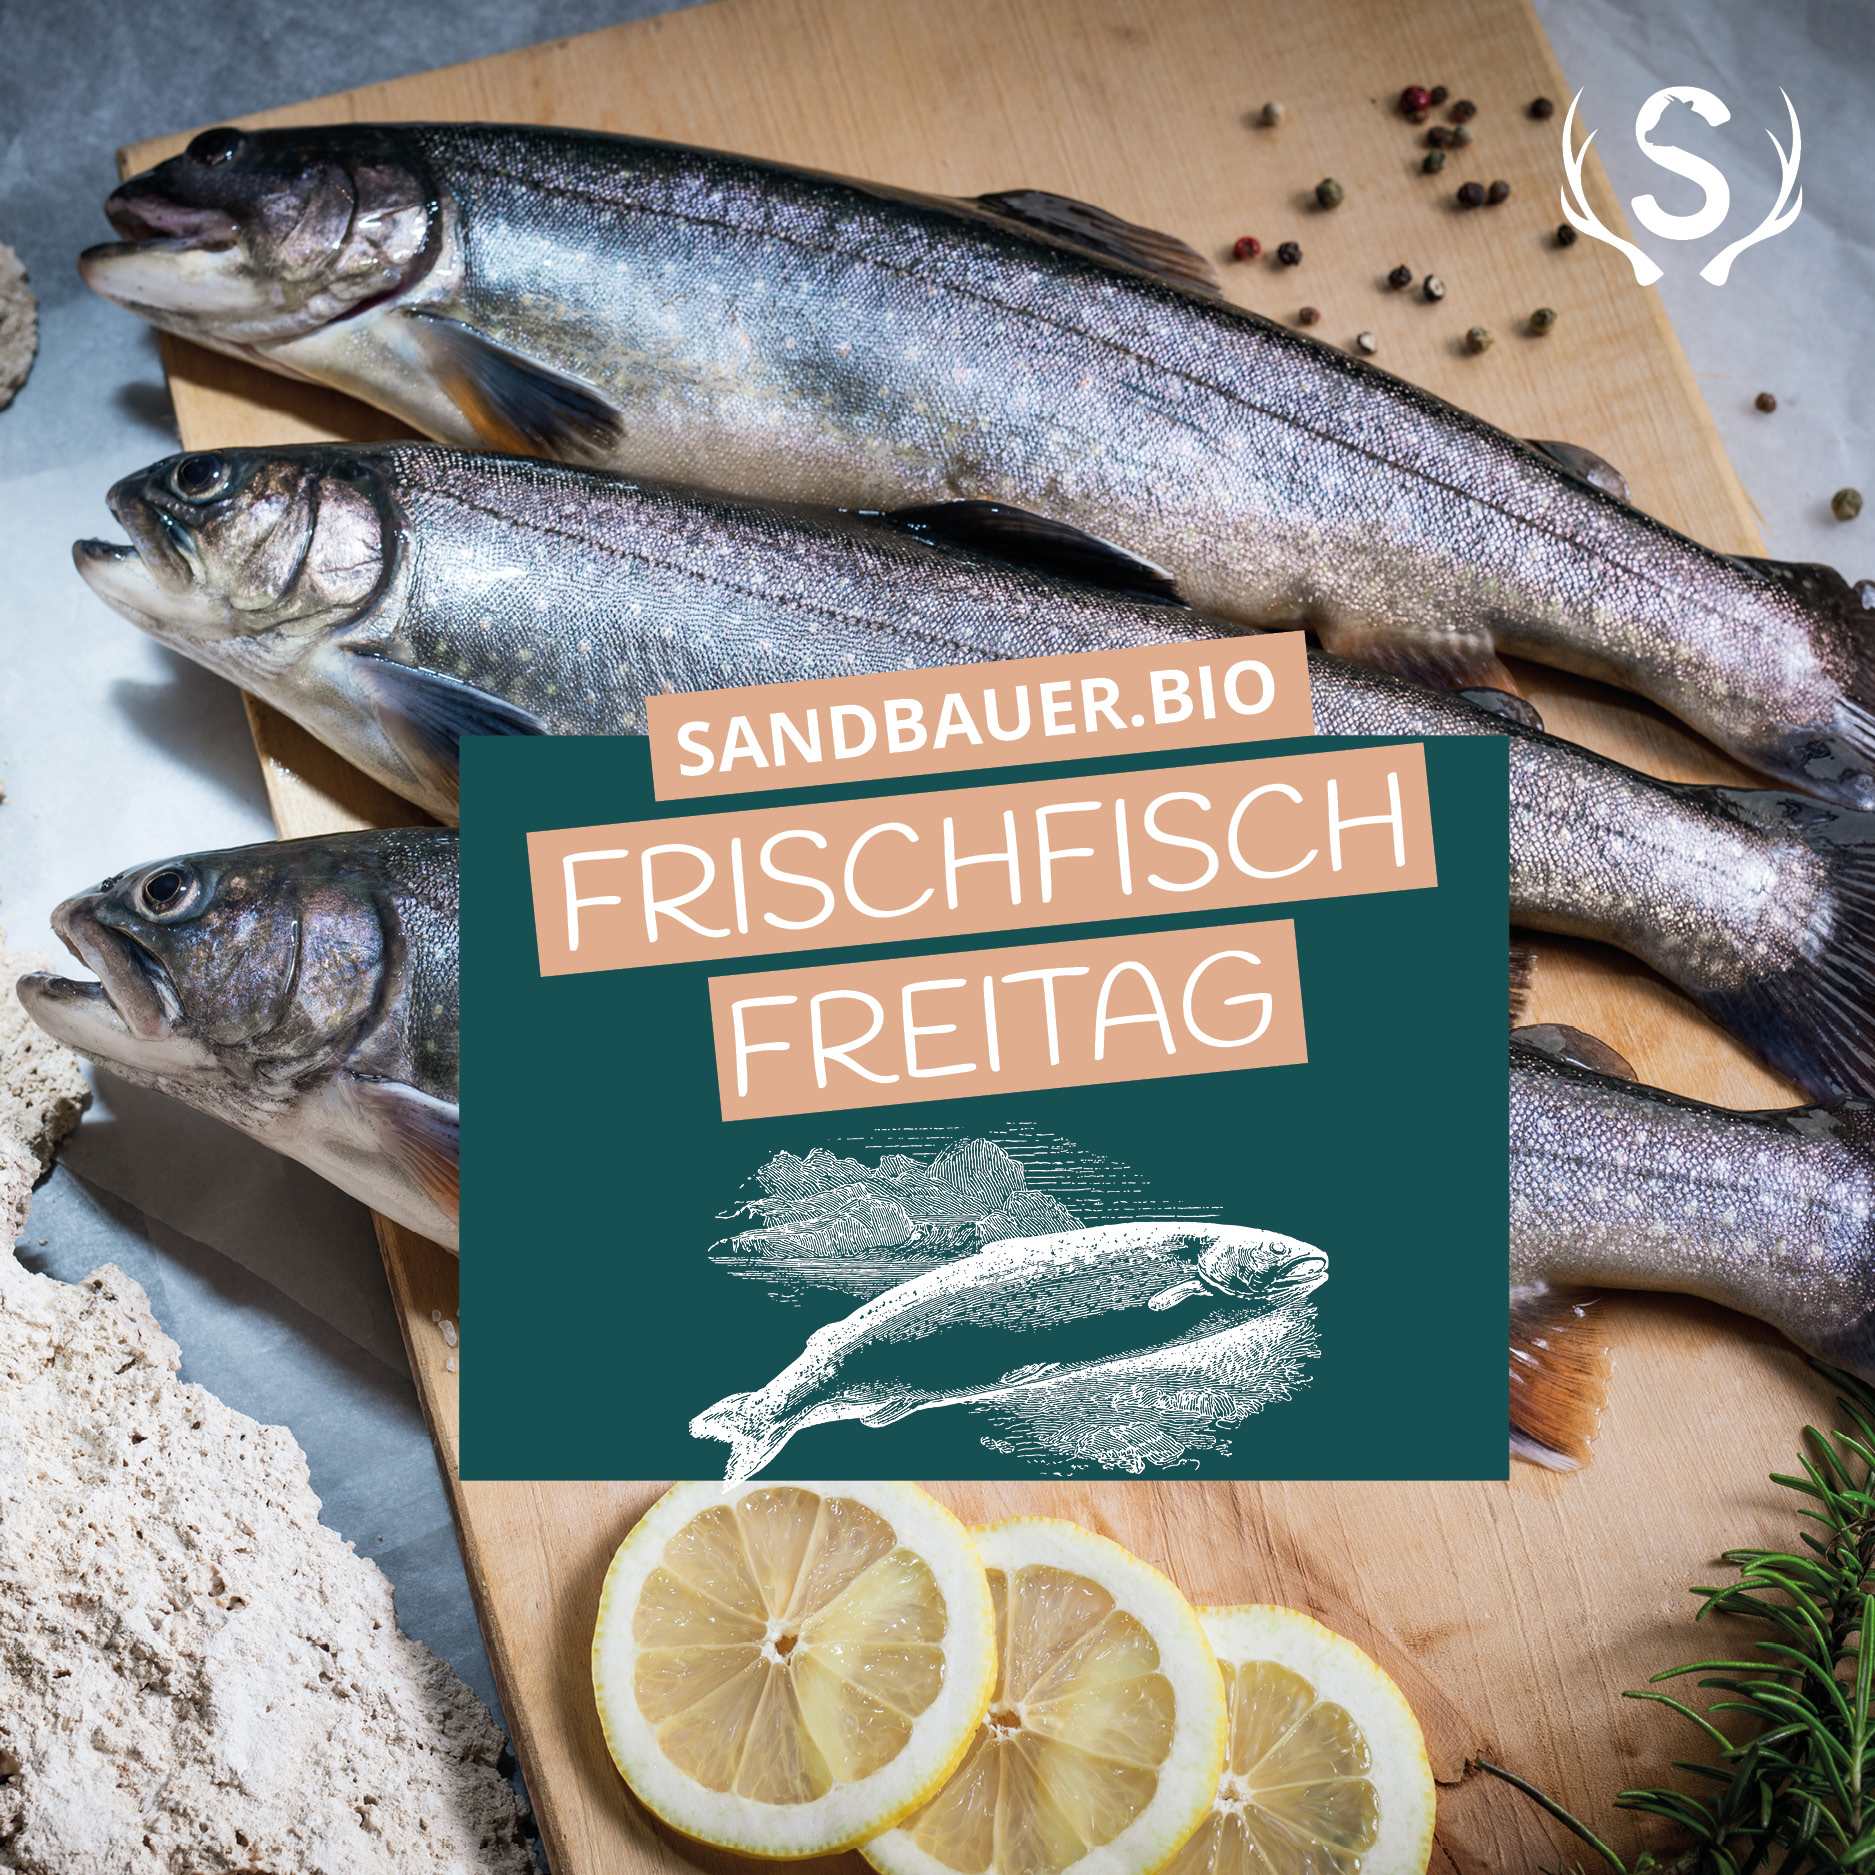 Sandbauer.Bio Frischfisch Freitag